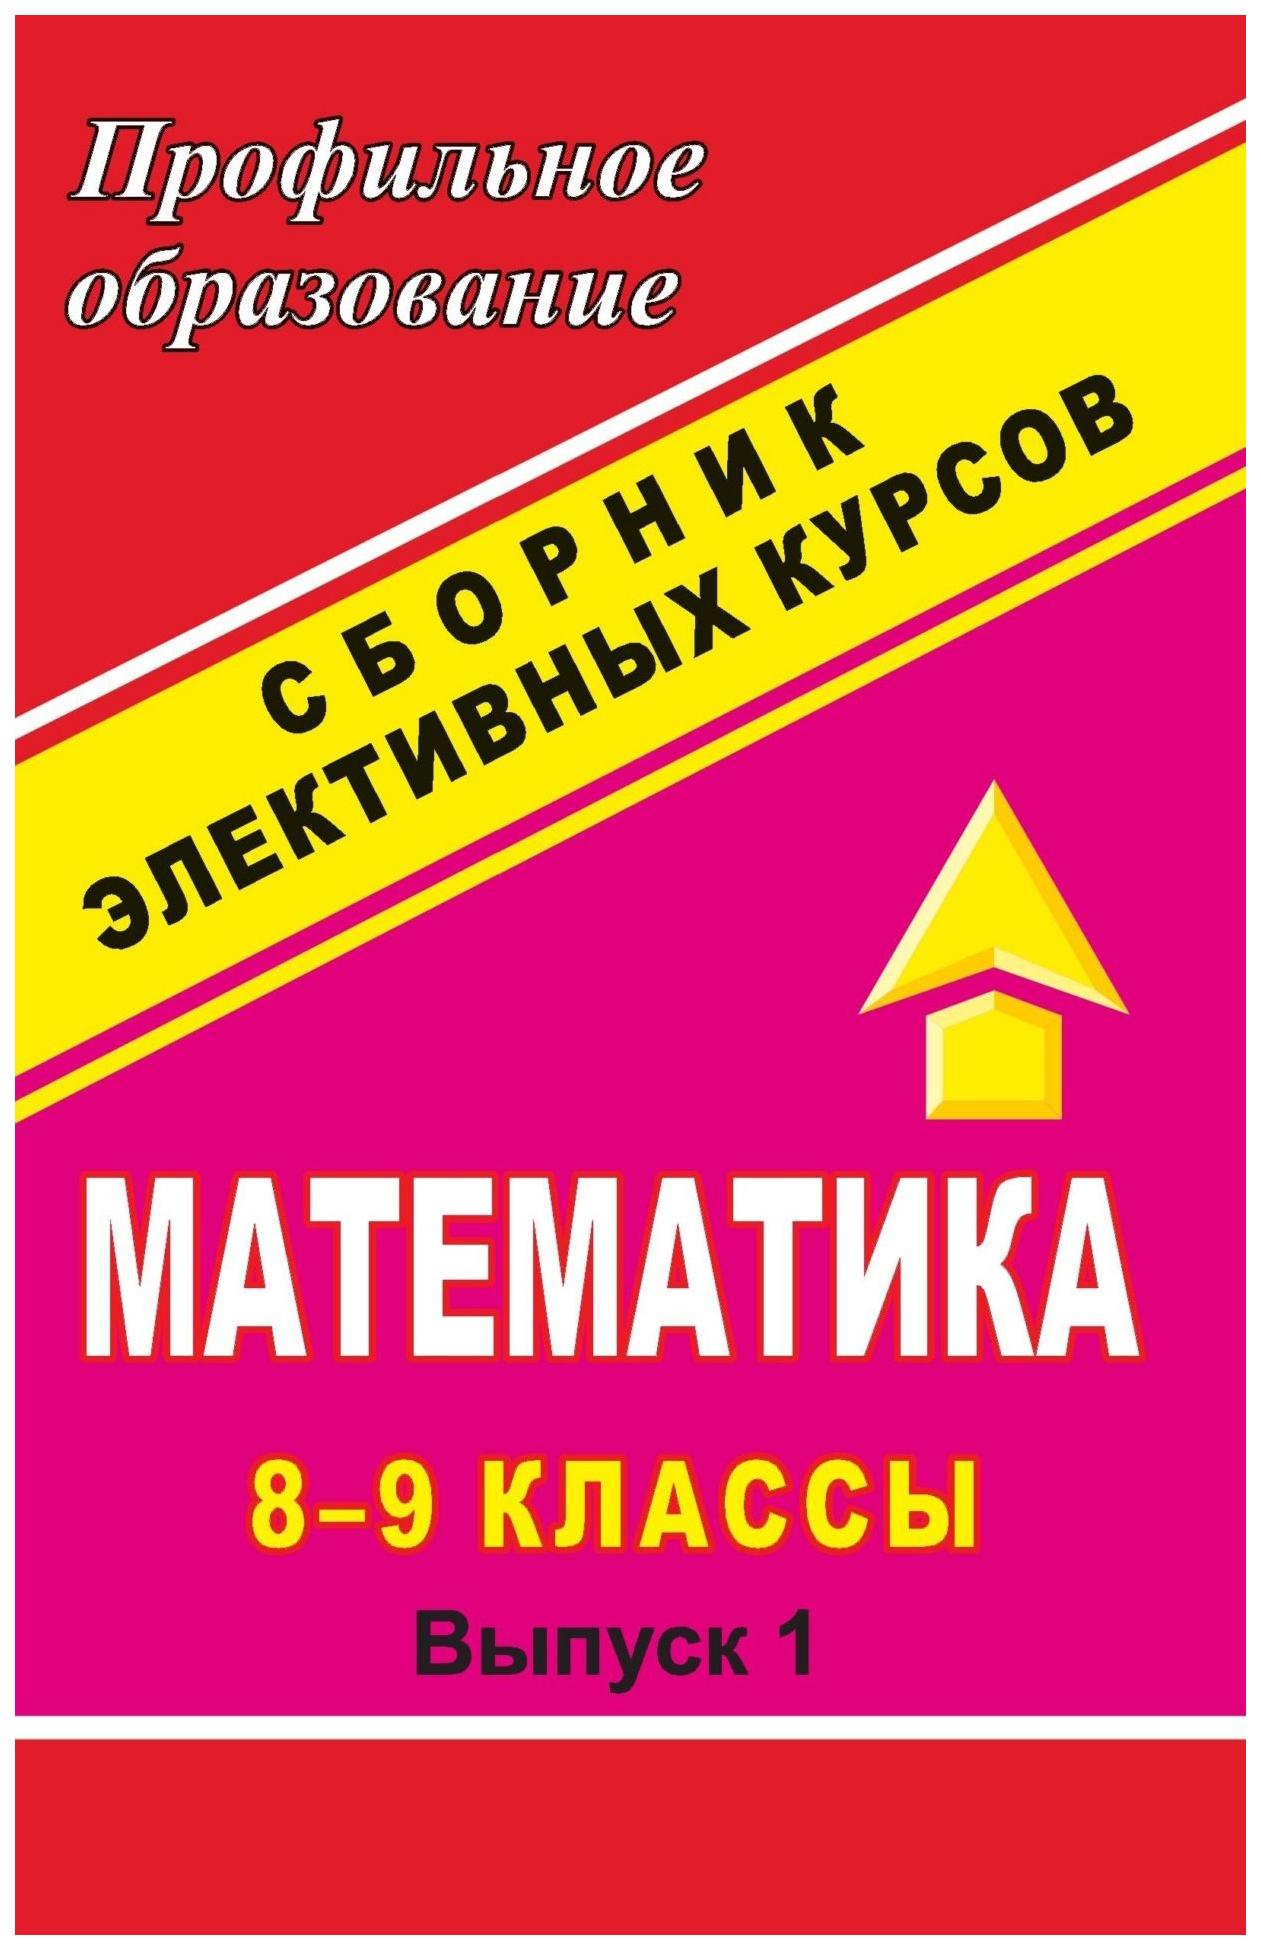 Математика. 8-9 классы. Сборник элективных курсов: \